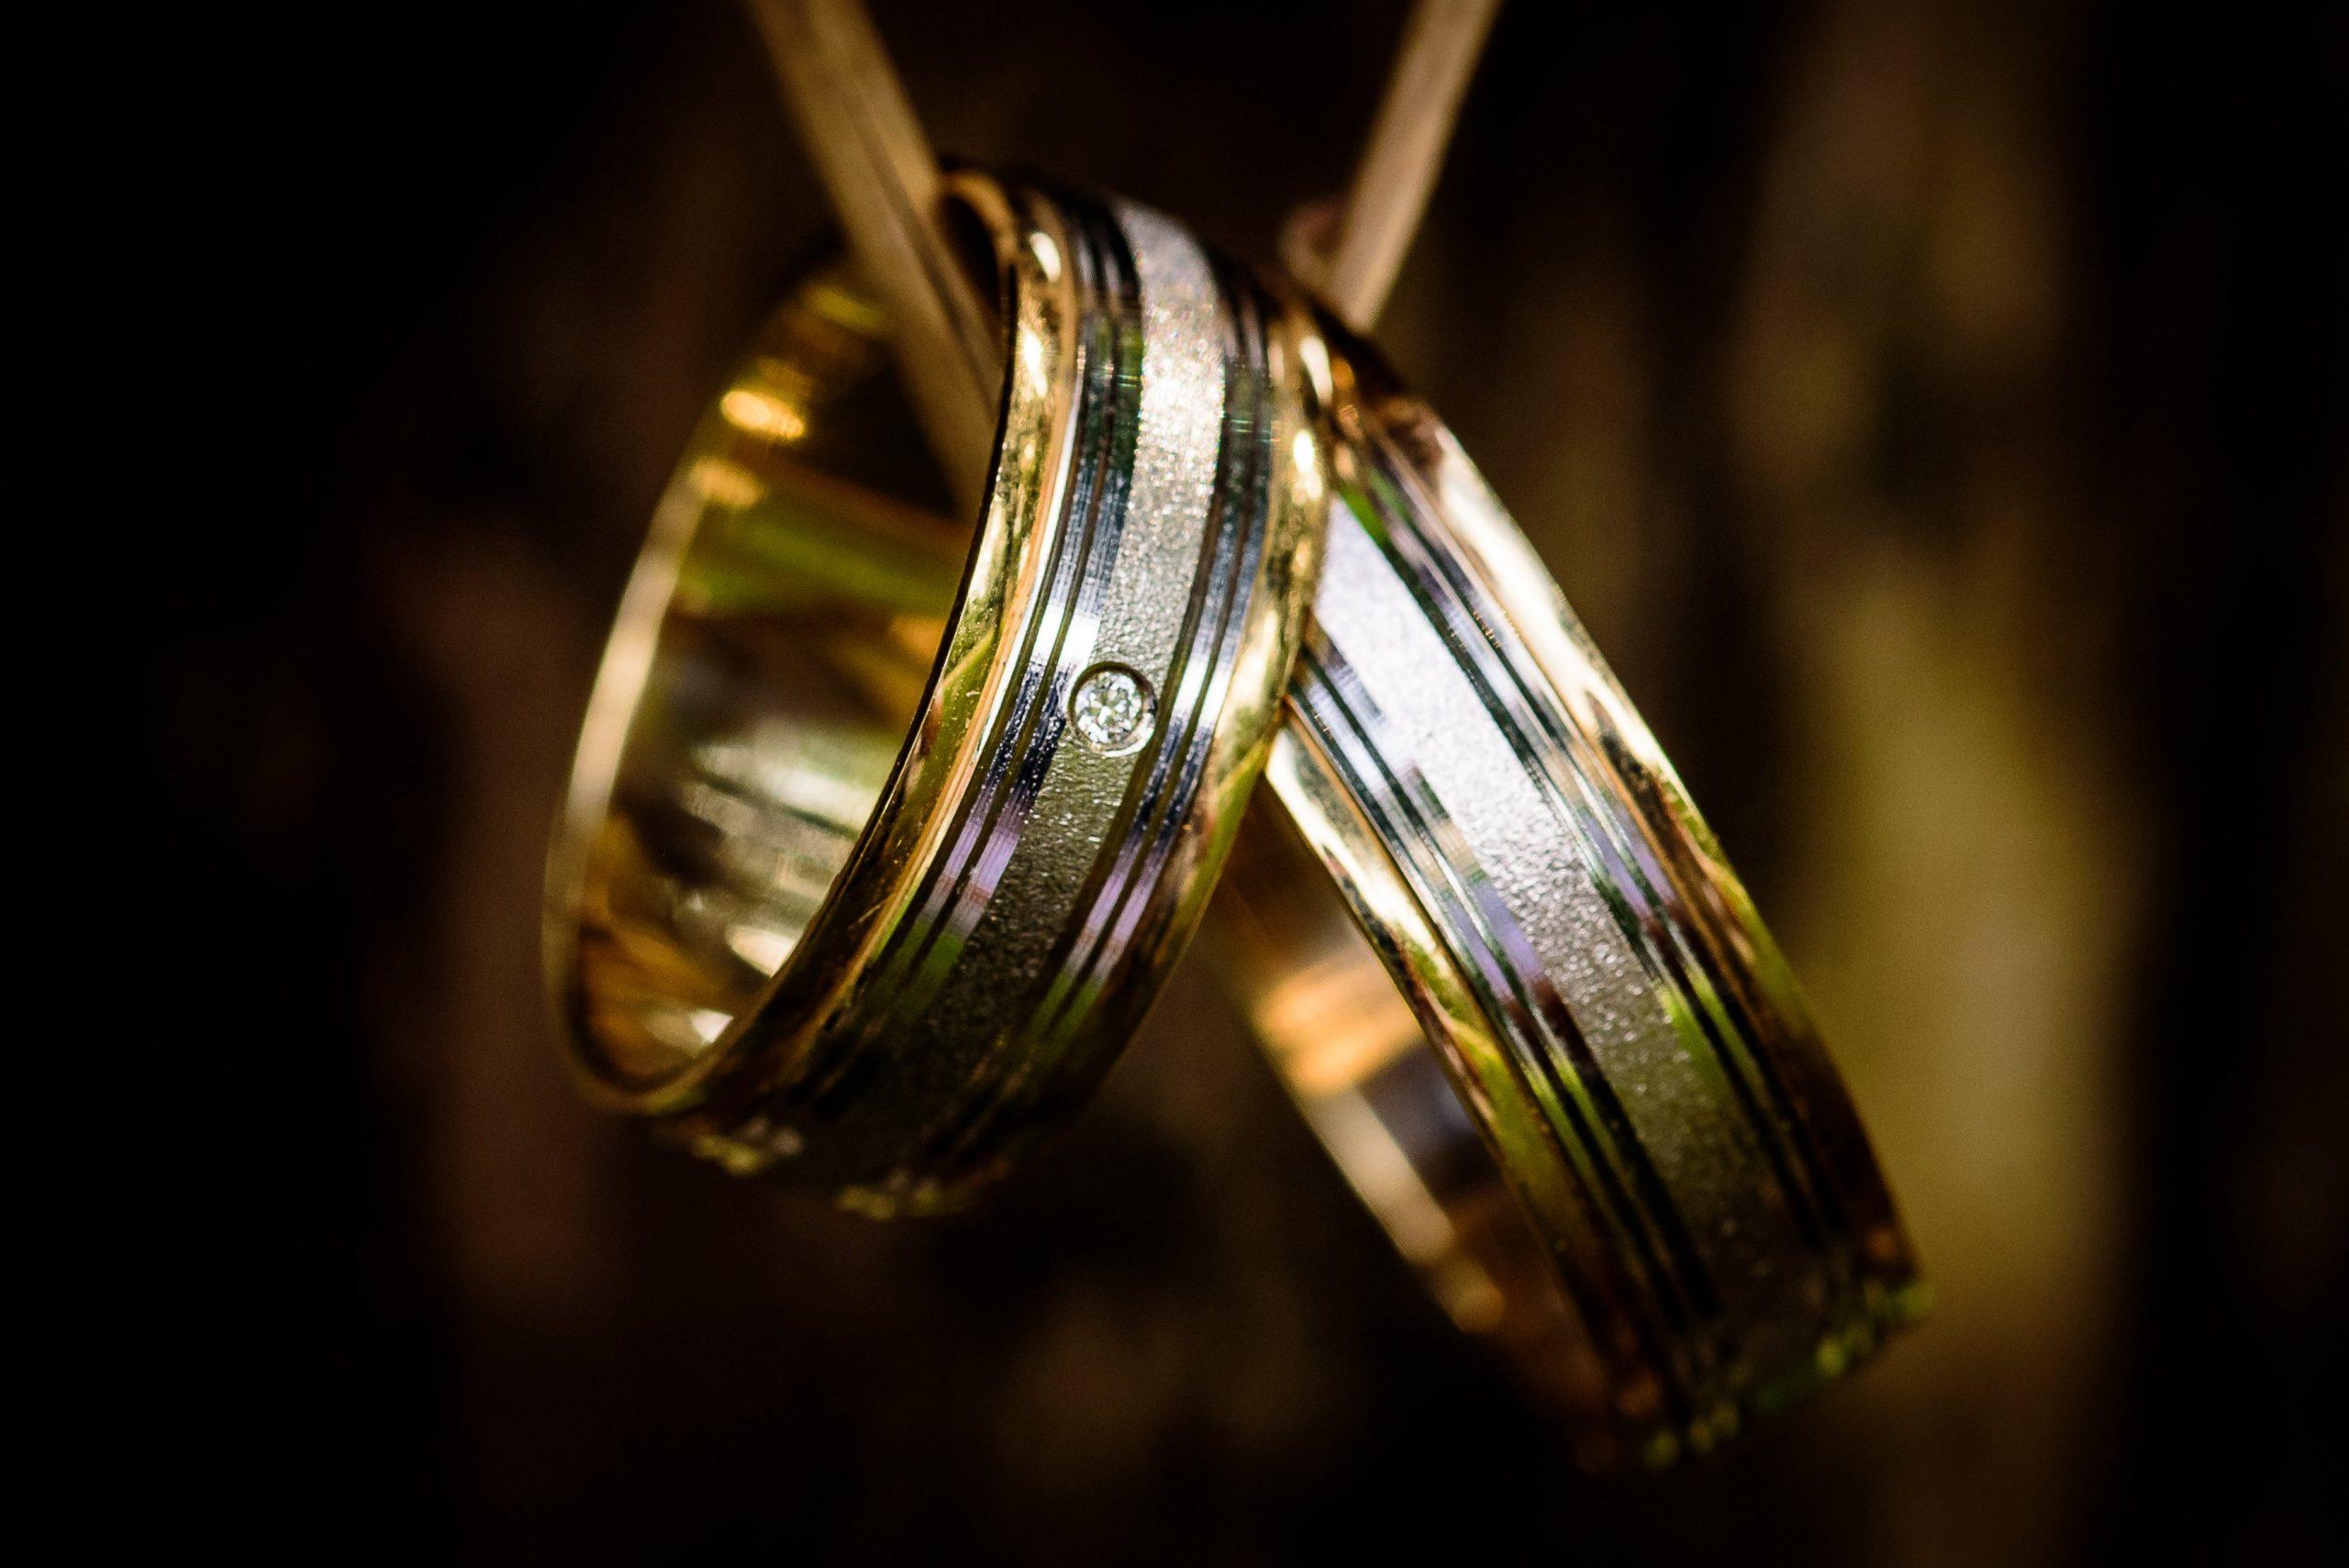 Kauf-Ratgeber Für Eheringe Im Onlineshop › Trauringe